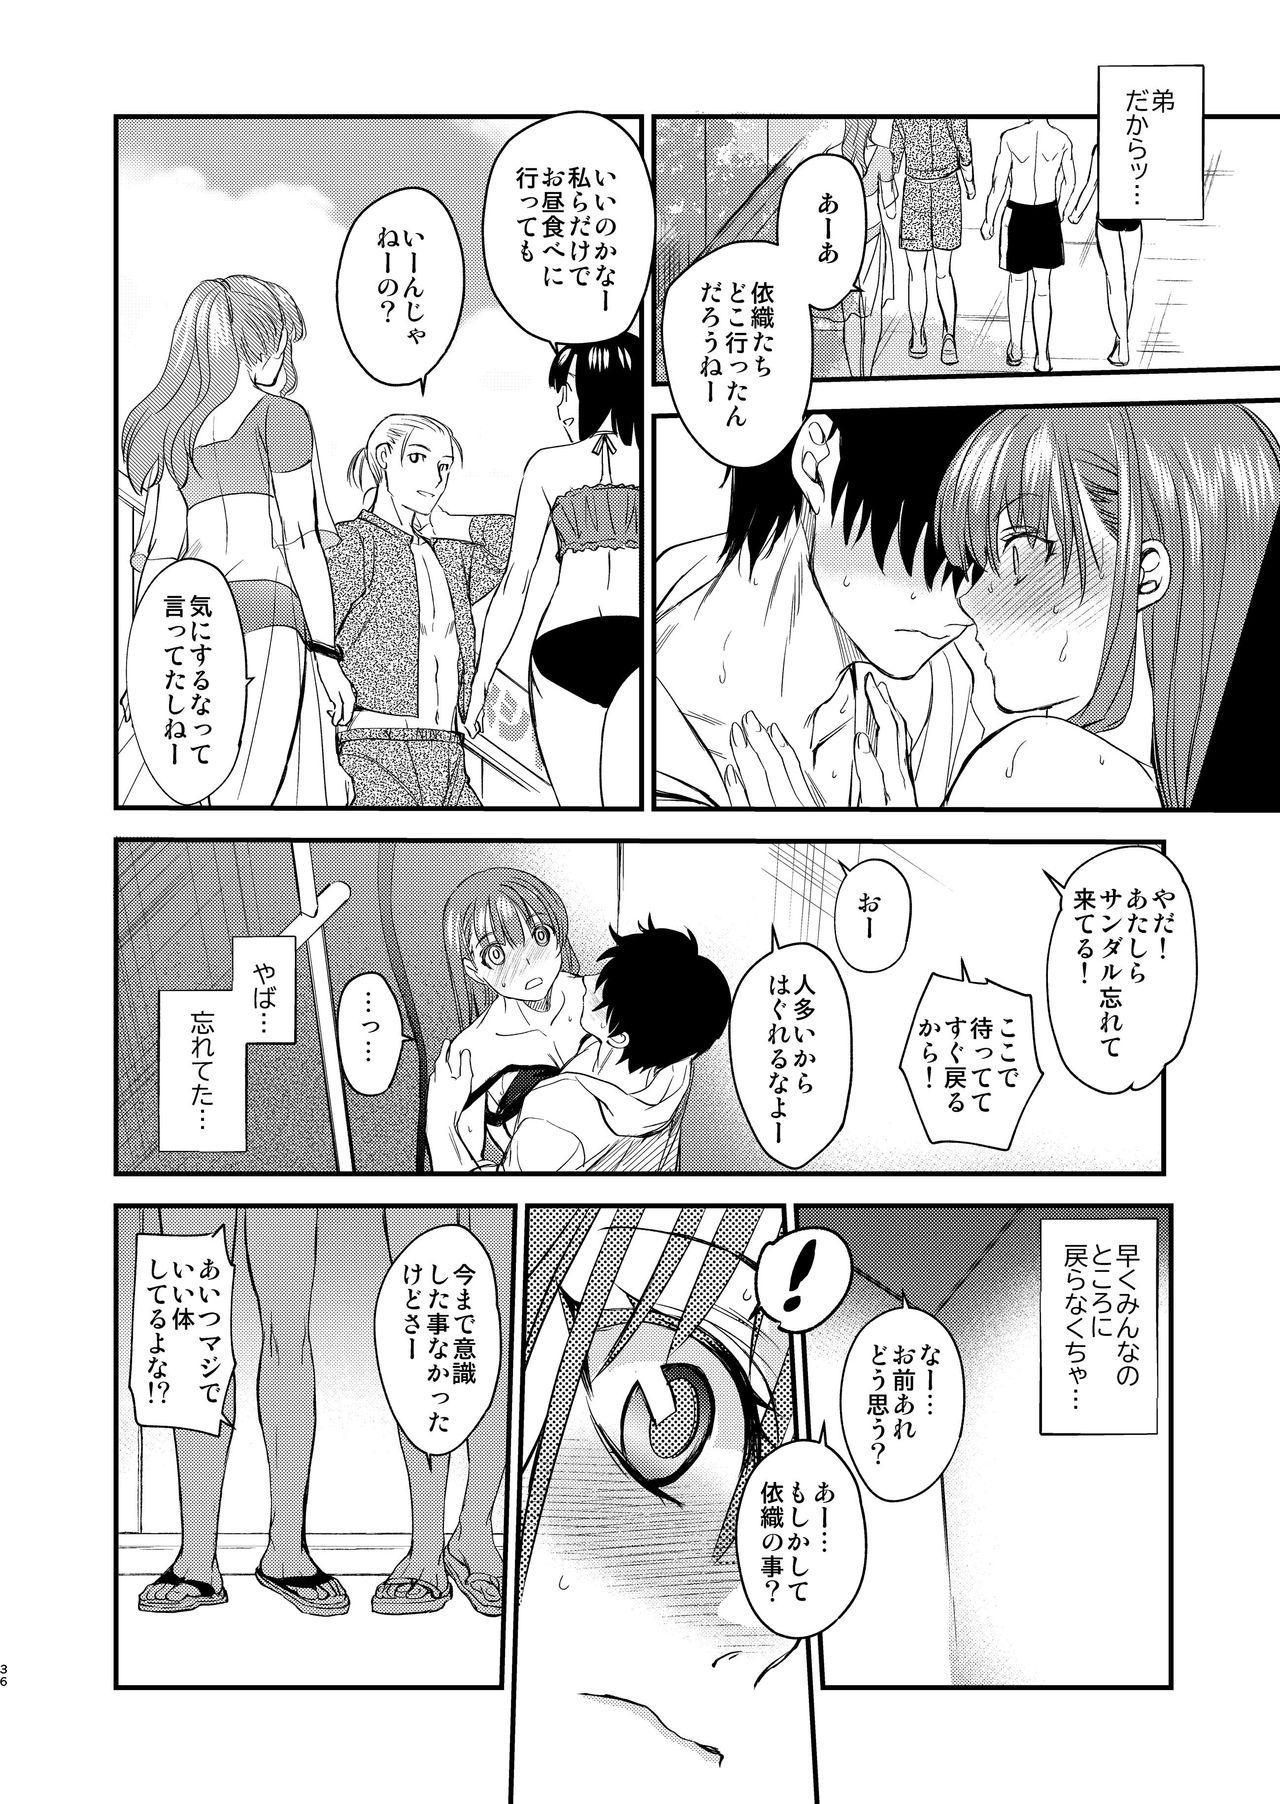 InCha Otouto ga YouCha Aneki o Netoru made 2 34